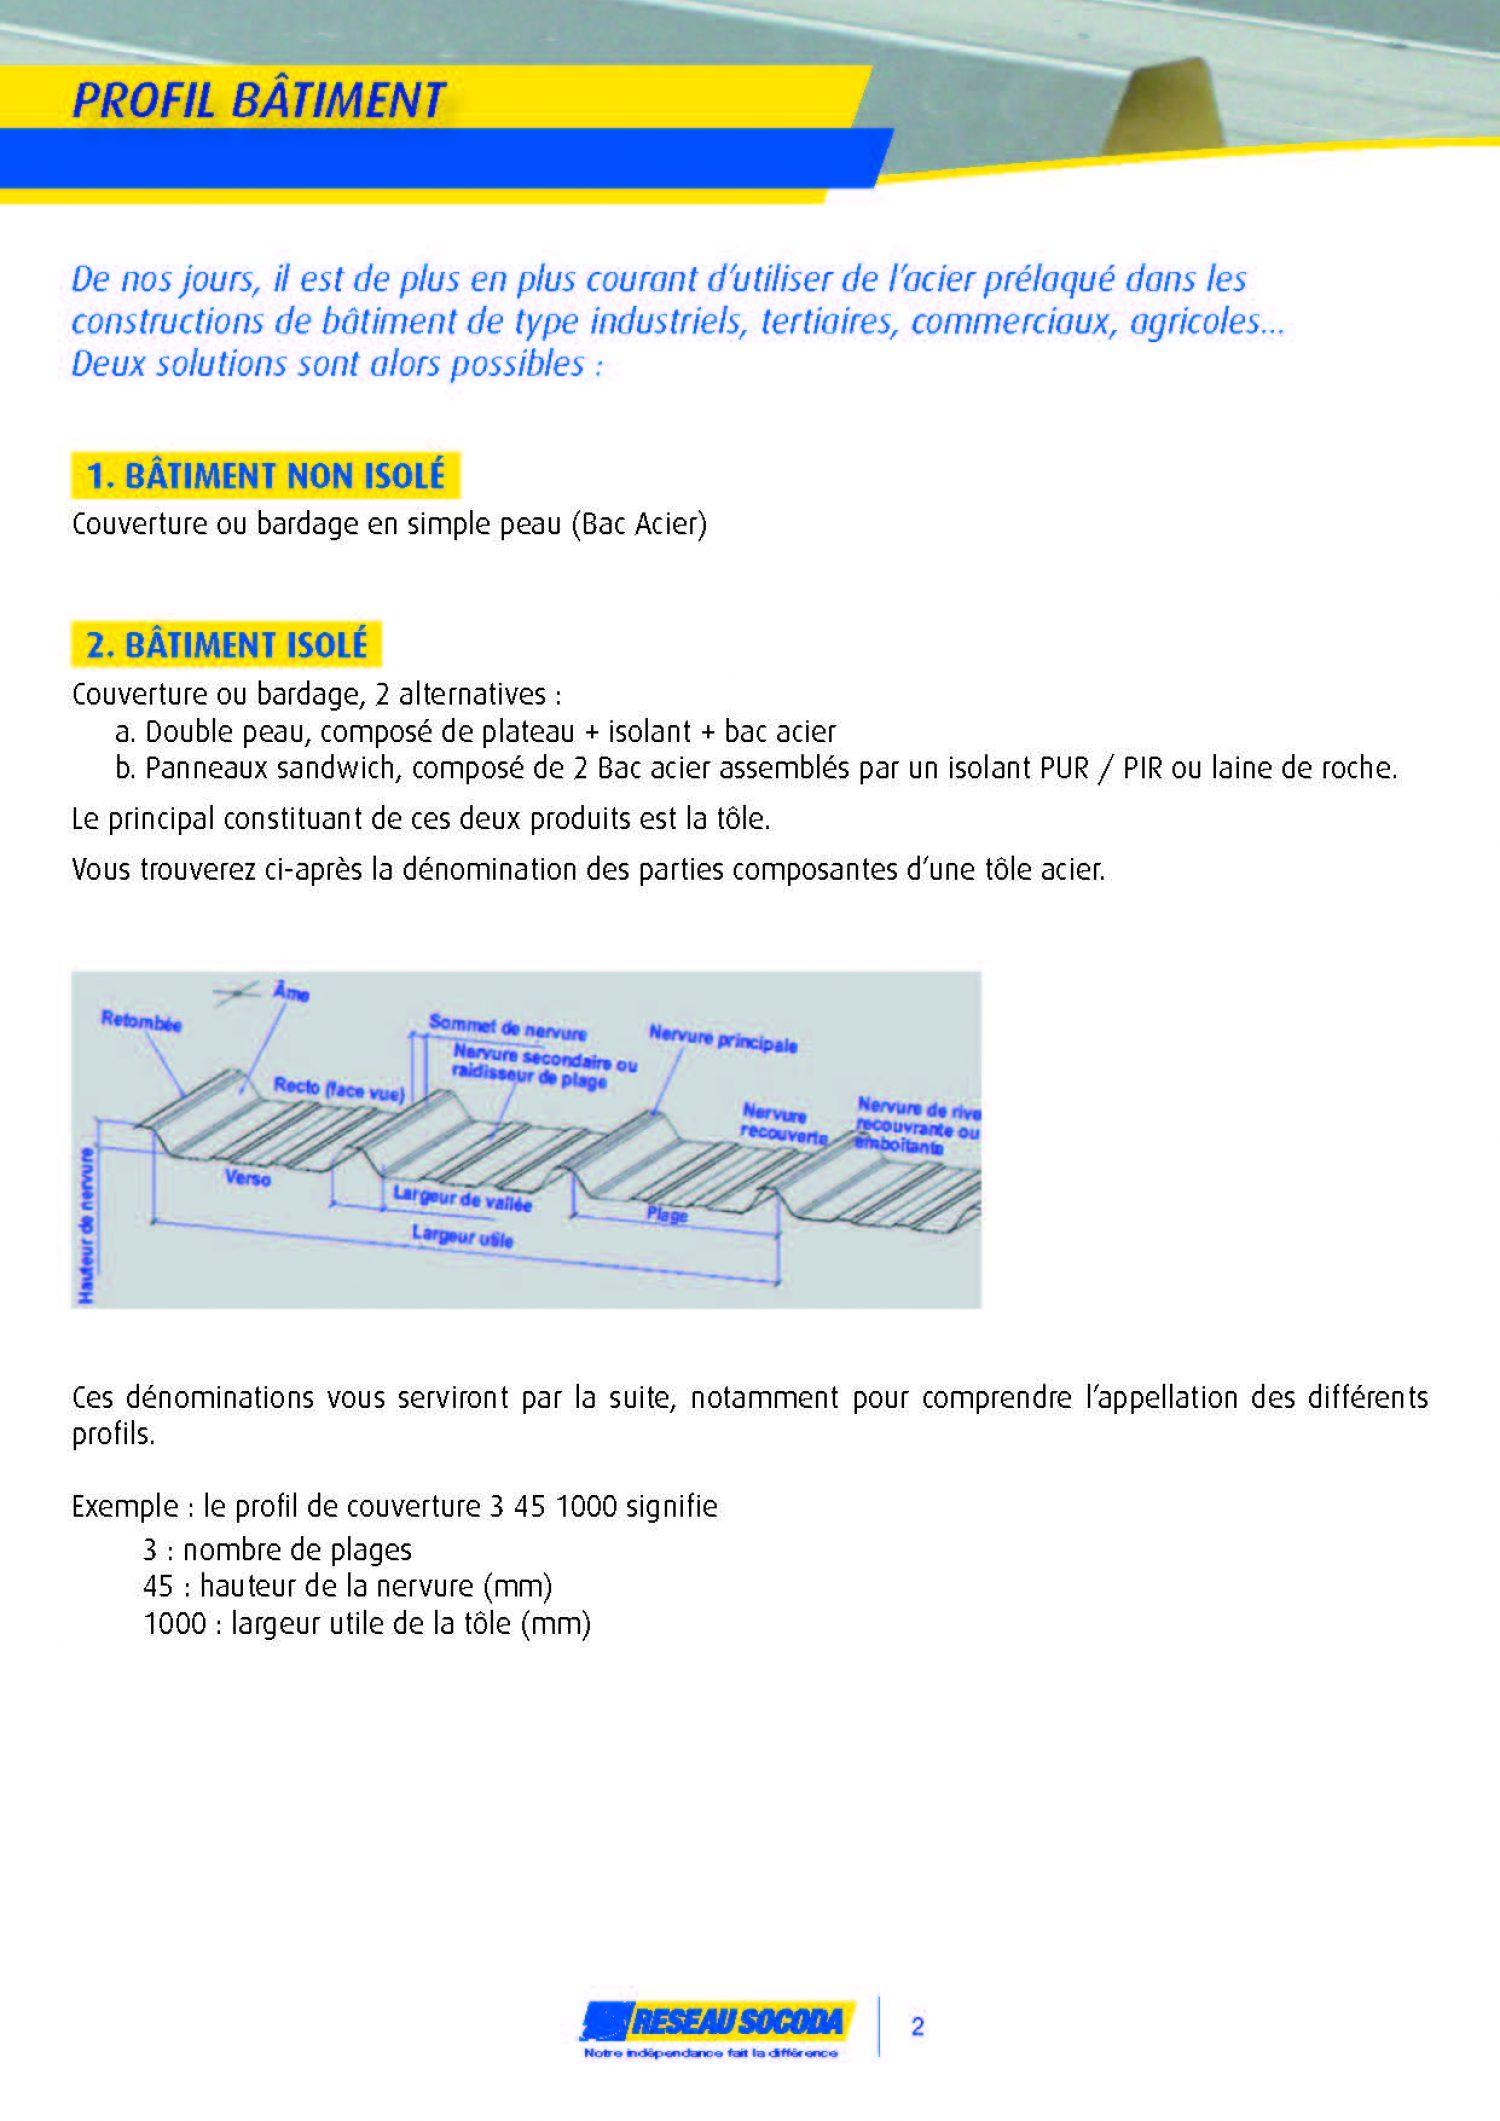 GERMOND_2014 PROFIL BATIMENT_20140324-184231_Page_02